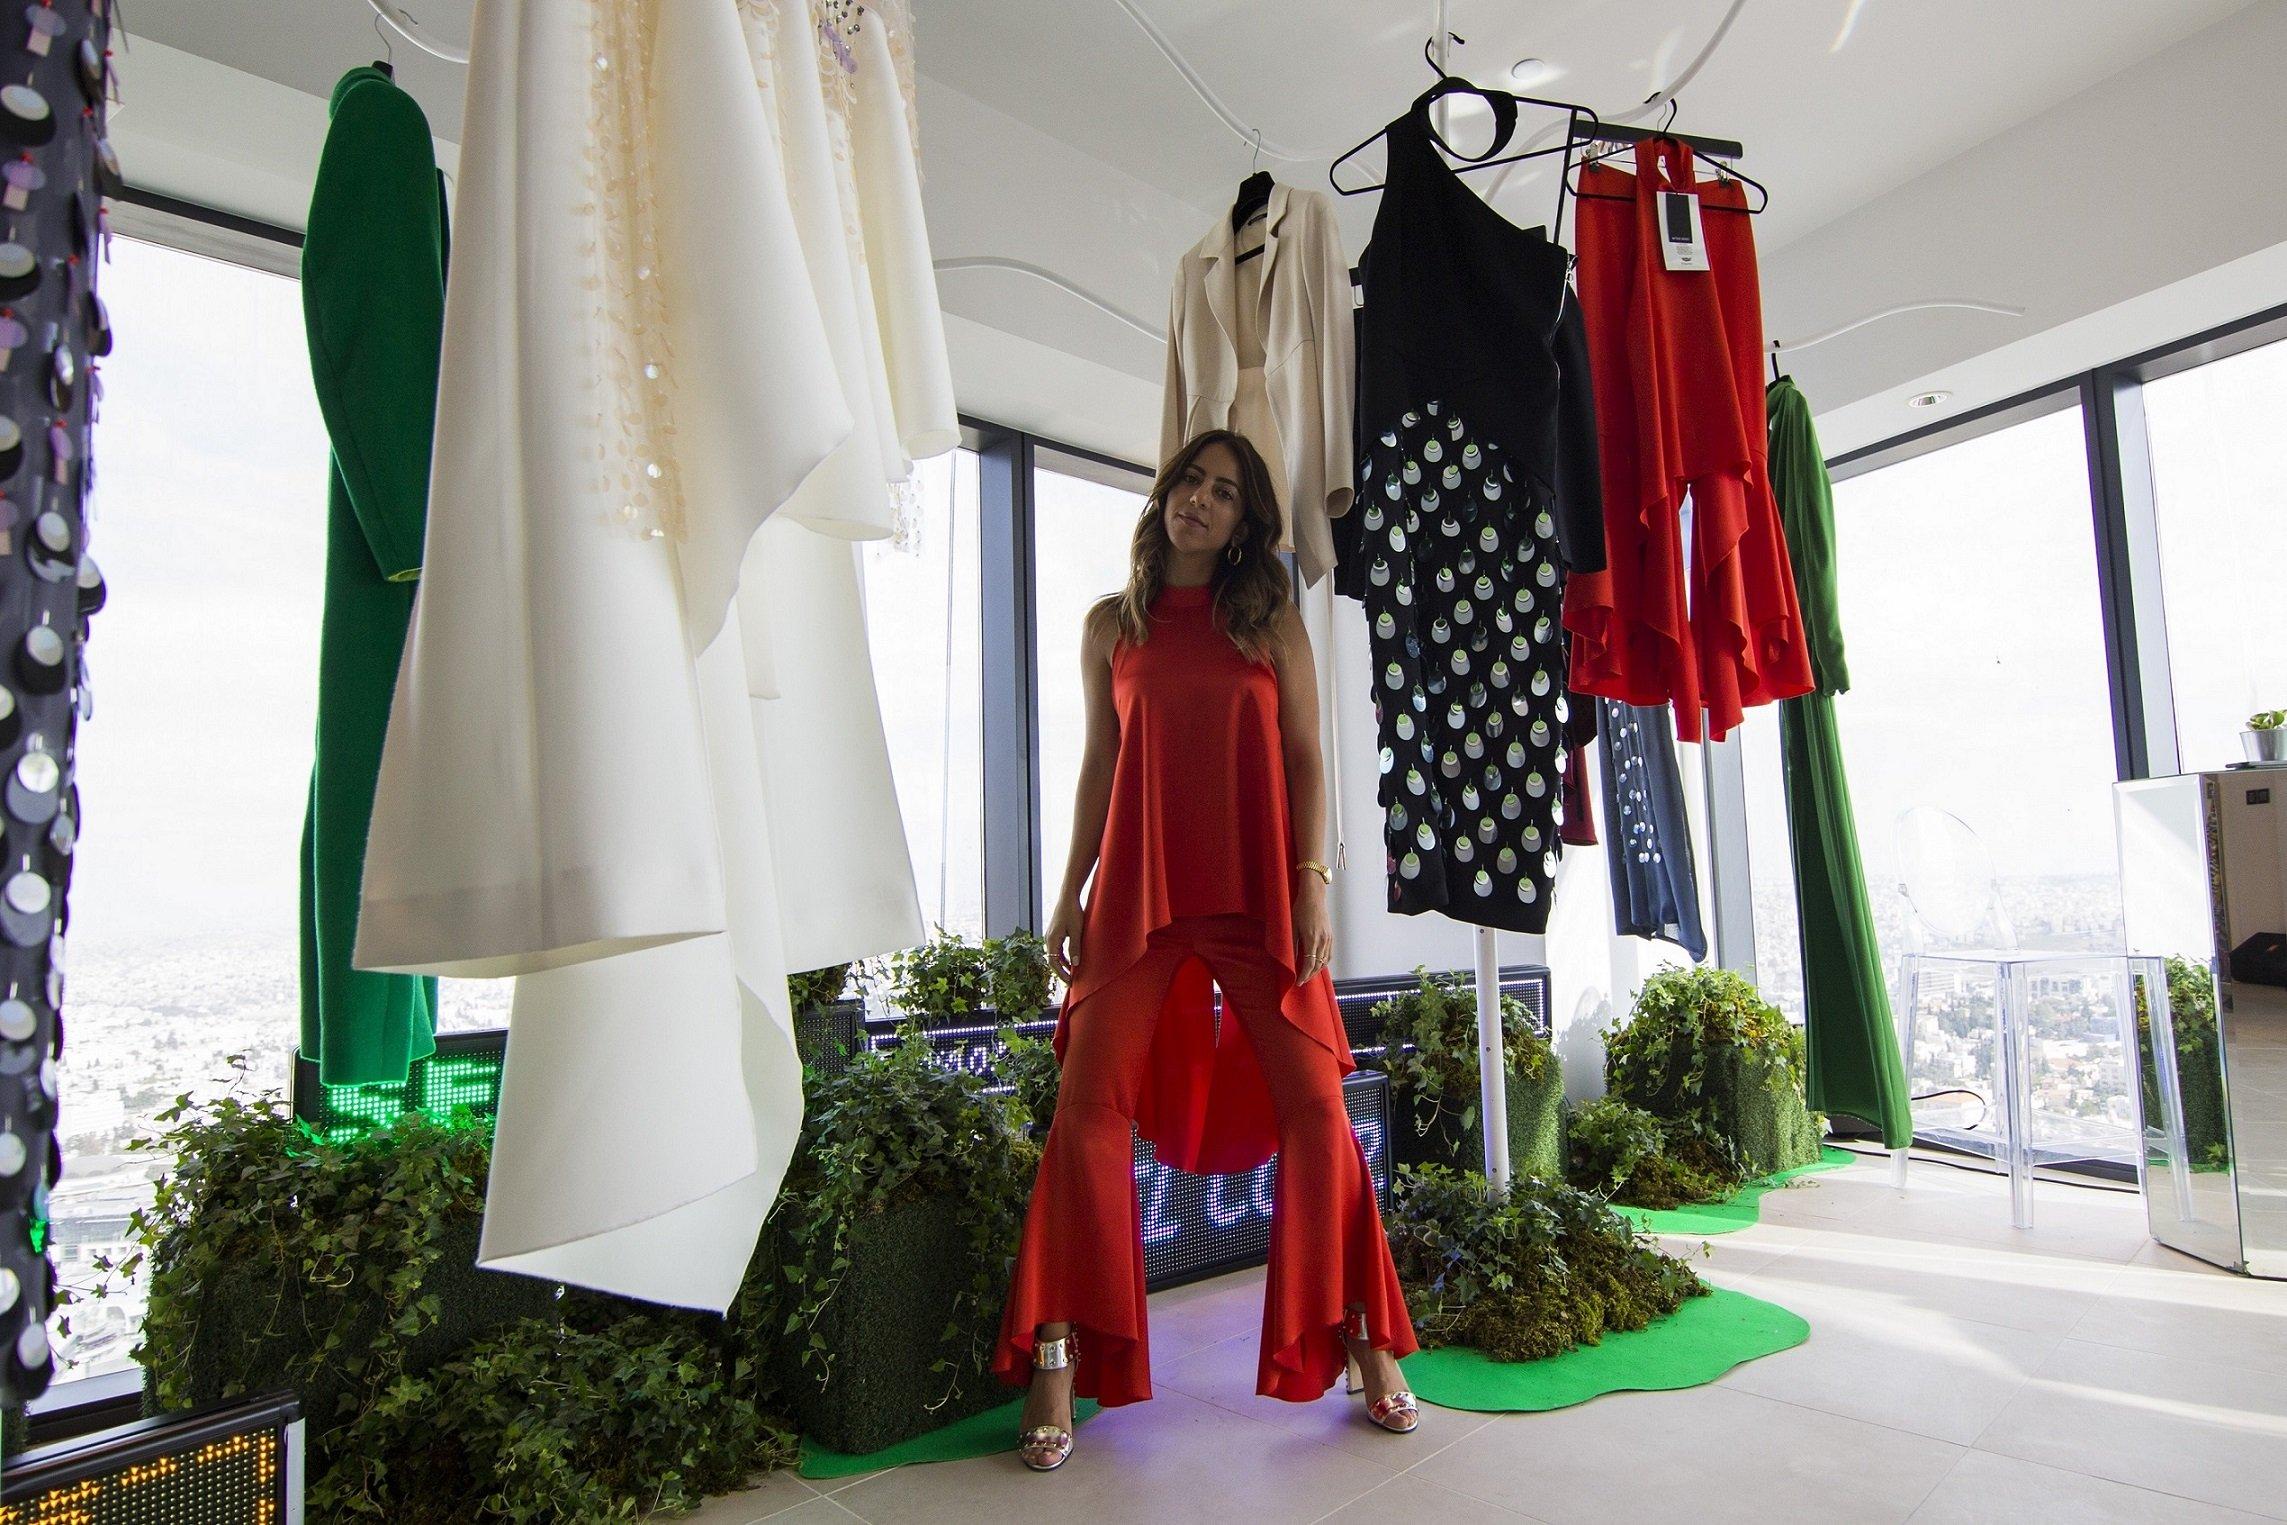 تعاونت كاديلاك مع مصممة الأزياء الأردنية نافسيكا سكورتي